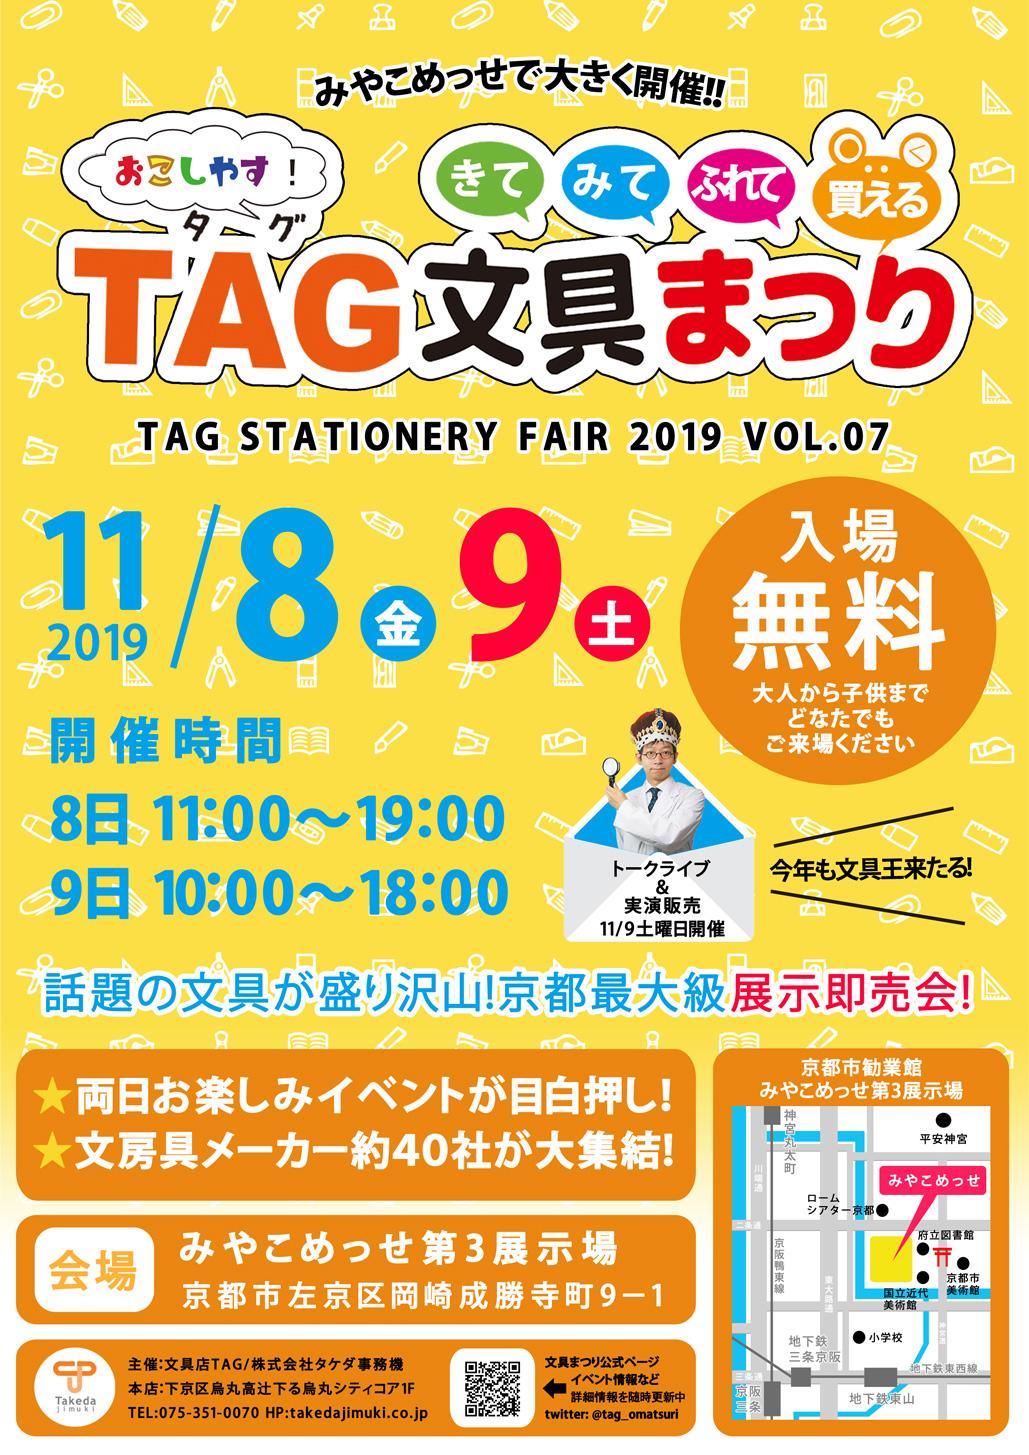 【イベント情報】フィモレザーワークショップ @TAG文具まつり